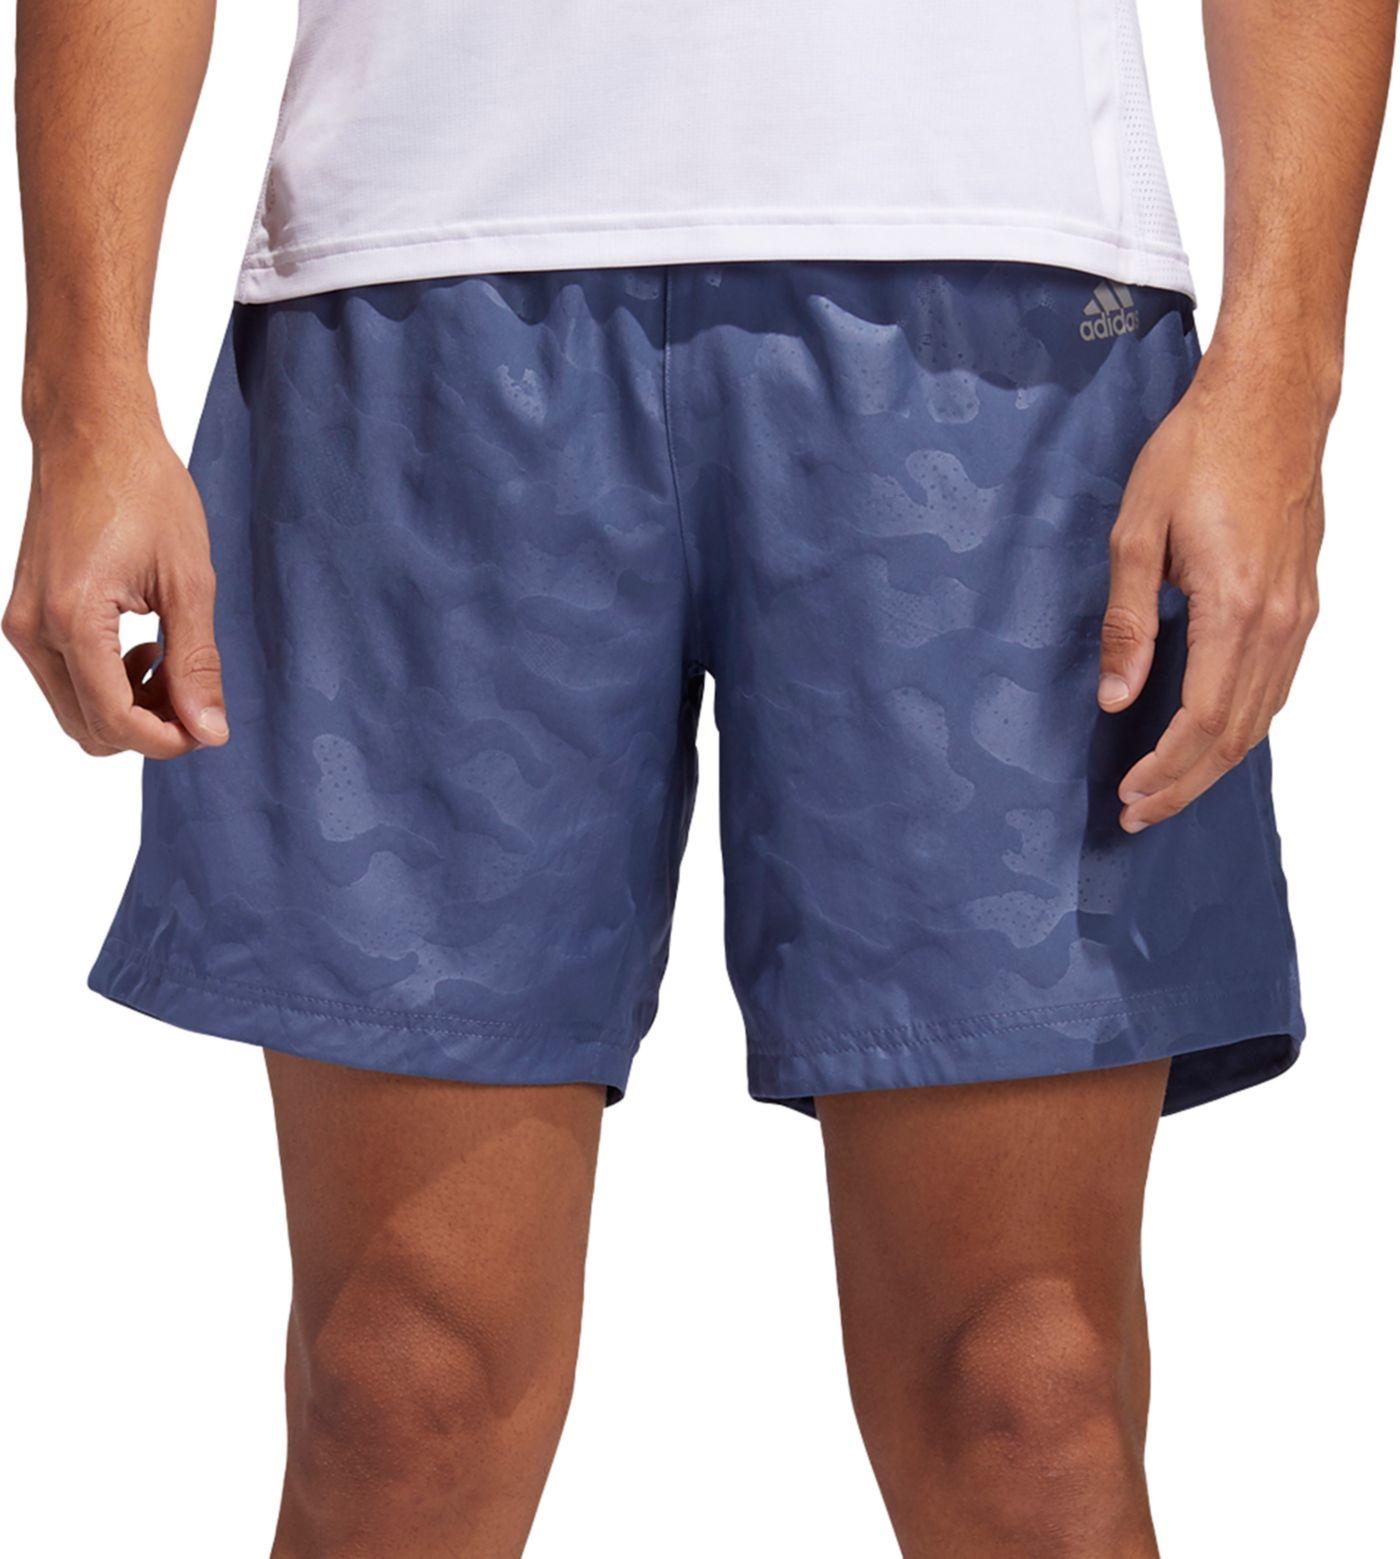 adidas Men's Run It Urban Camo 7'' Shorts